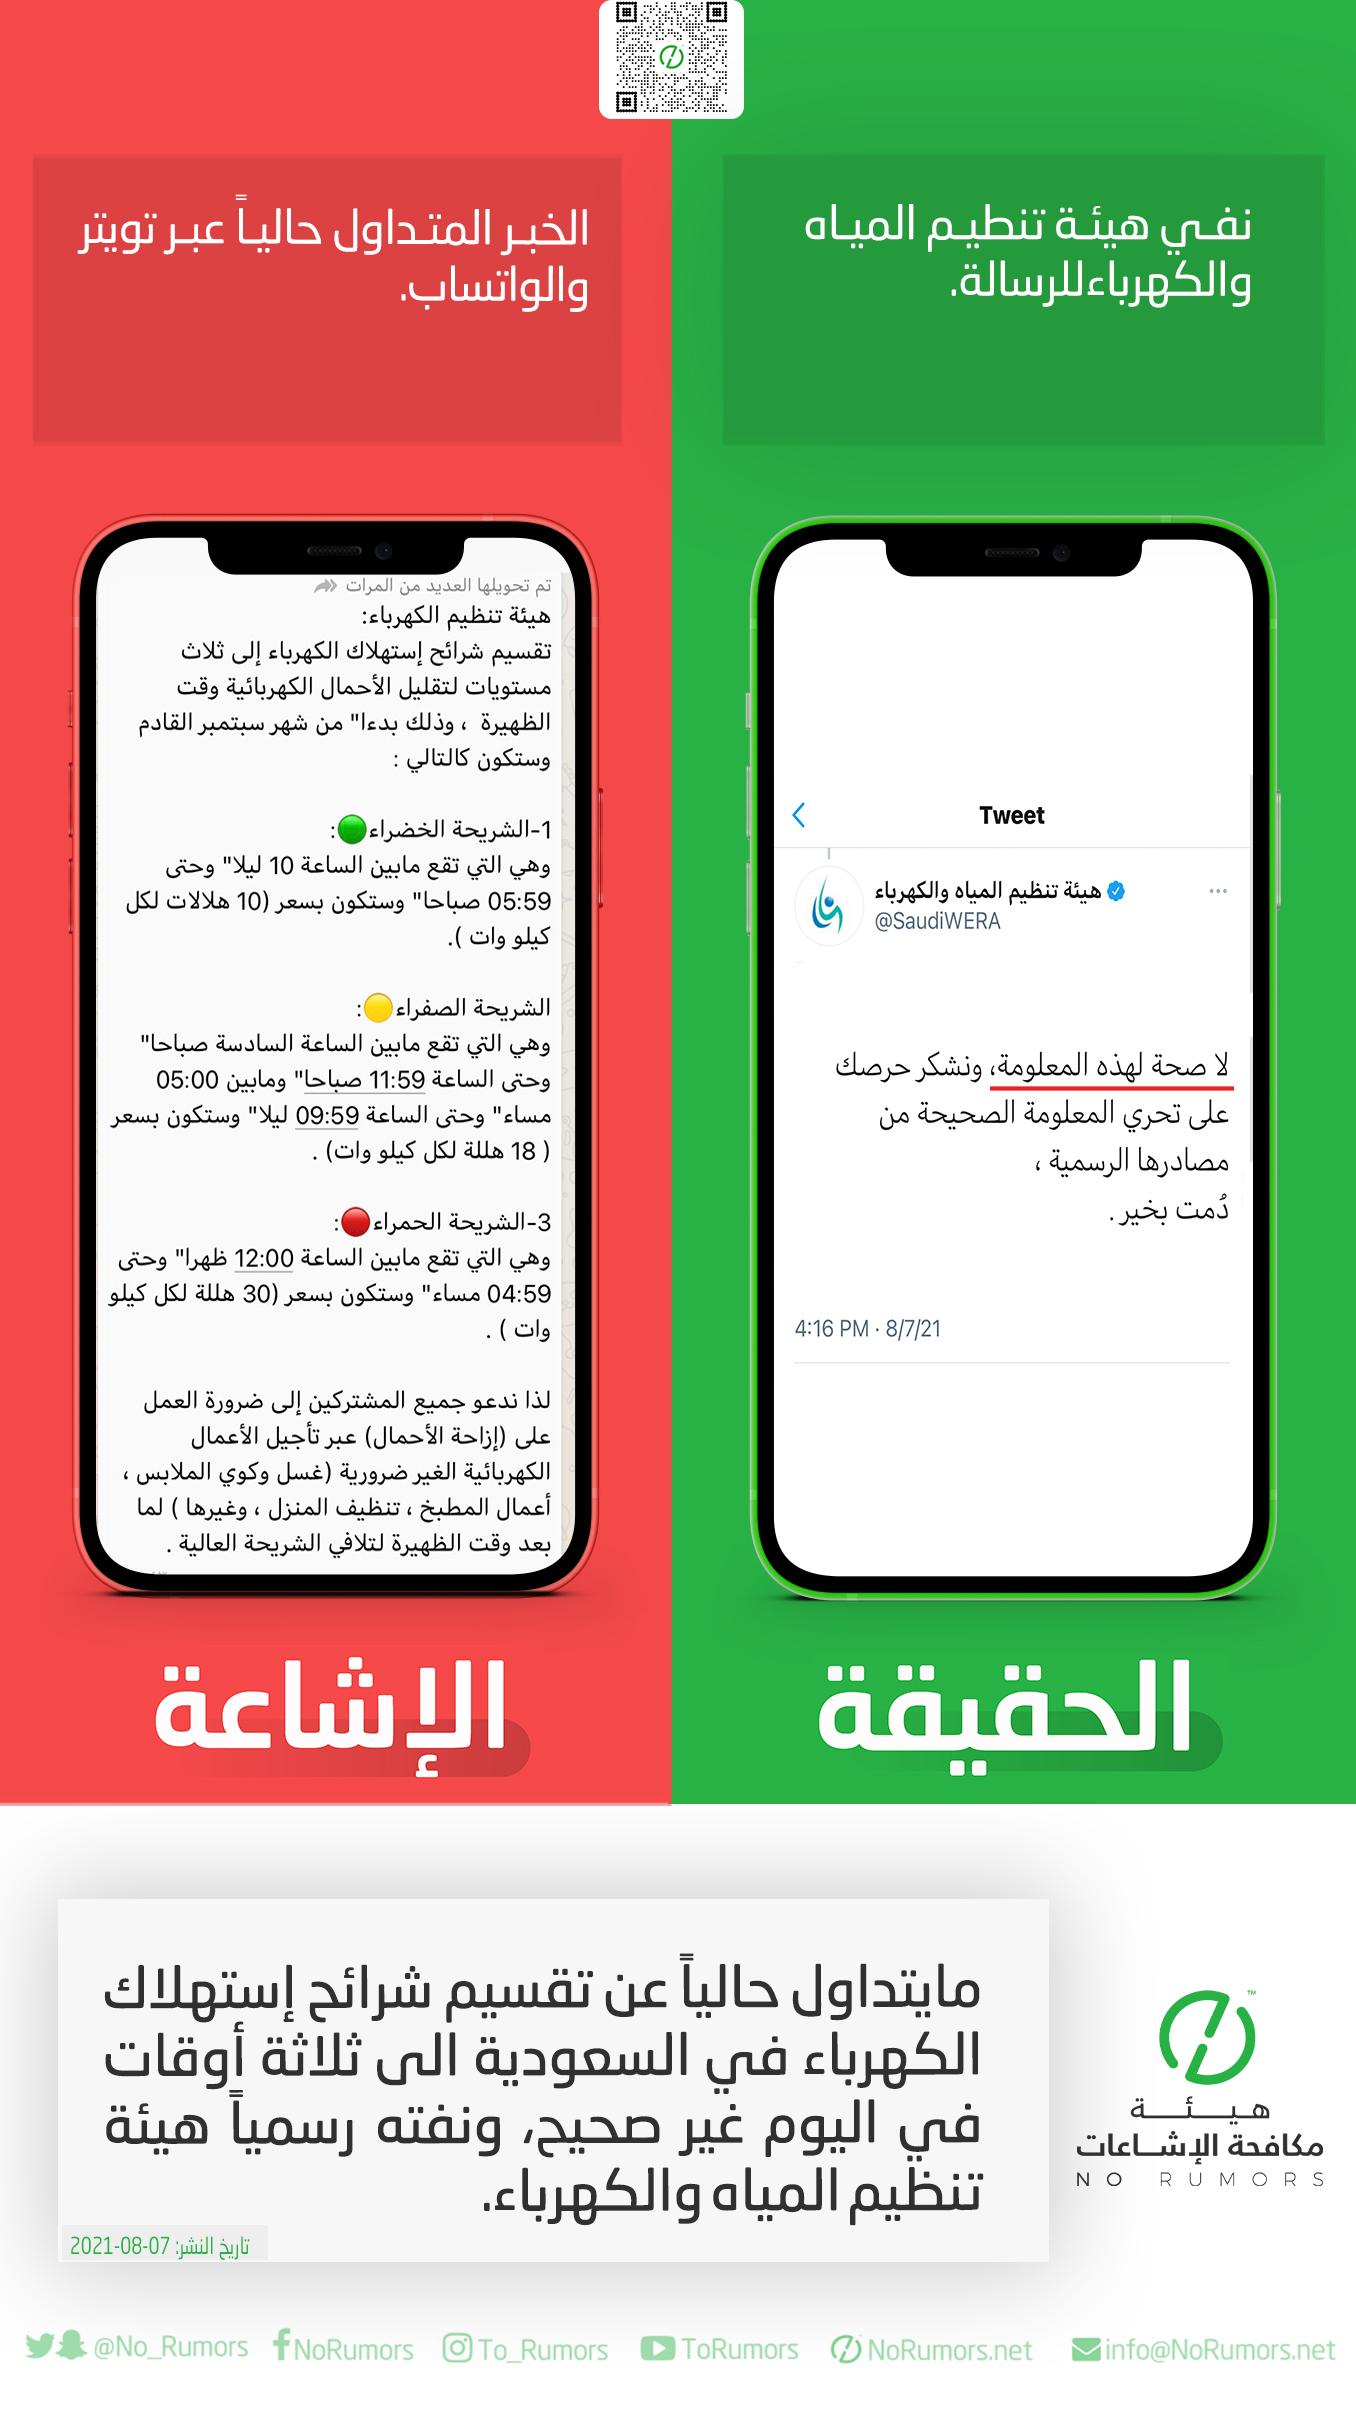 حقيقة مايتداول حالياً عن تقسيم شرائح إستهلاك الكهرباء في السعودية الى ثلاثة أوقات في اليوم